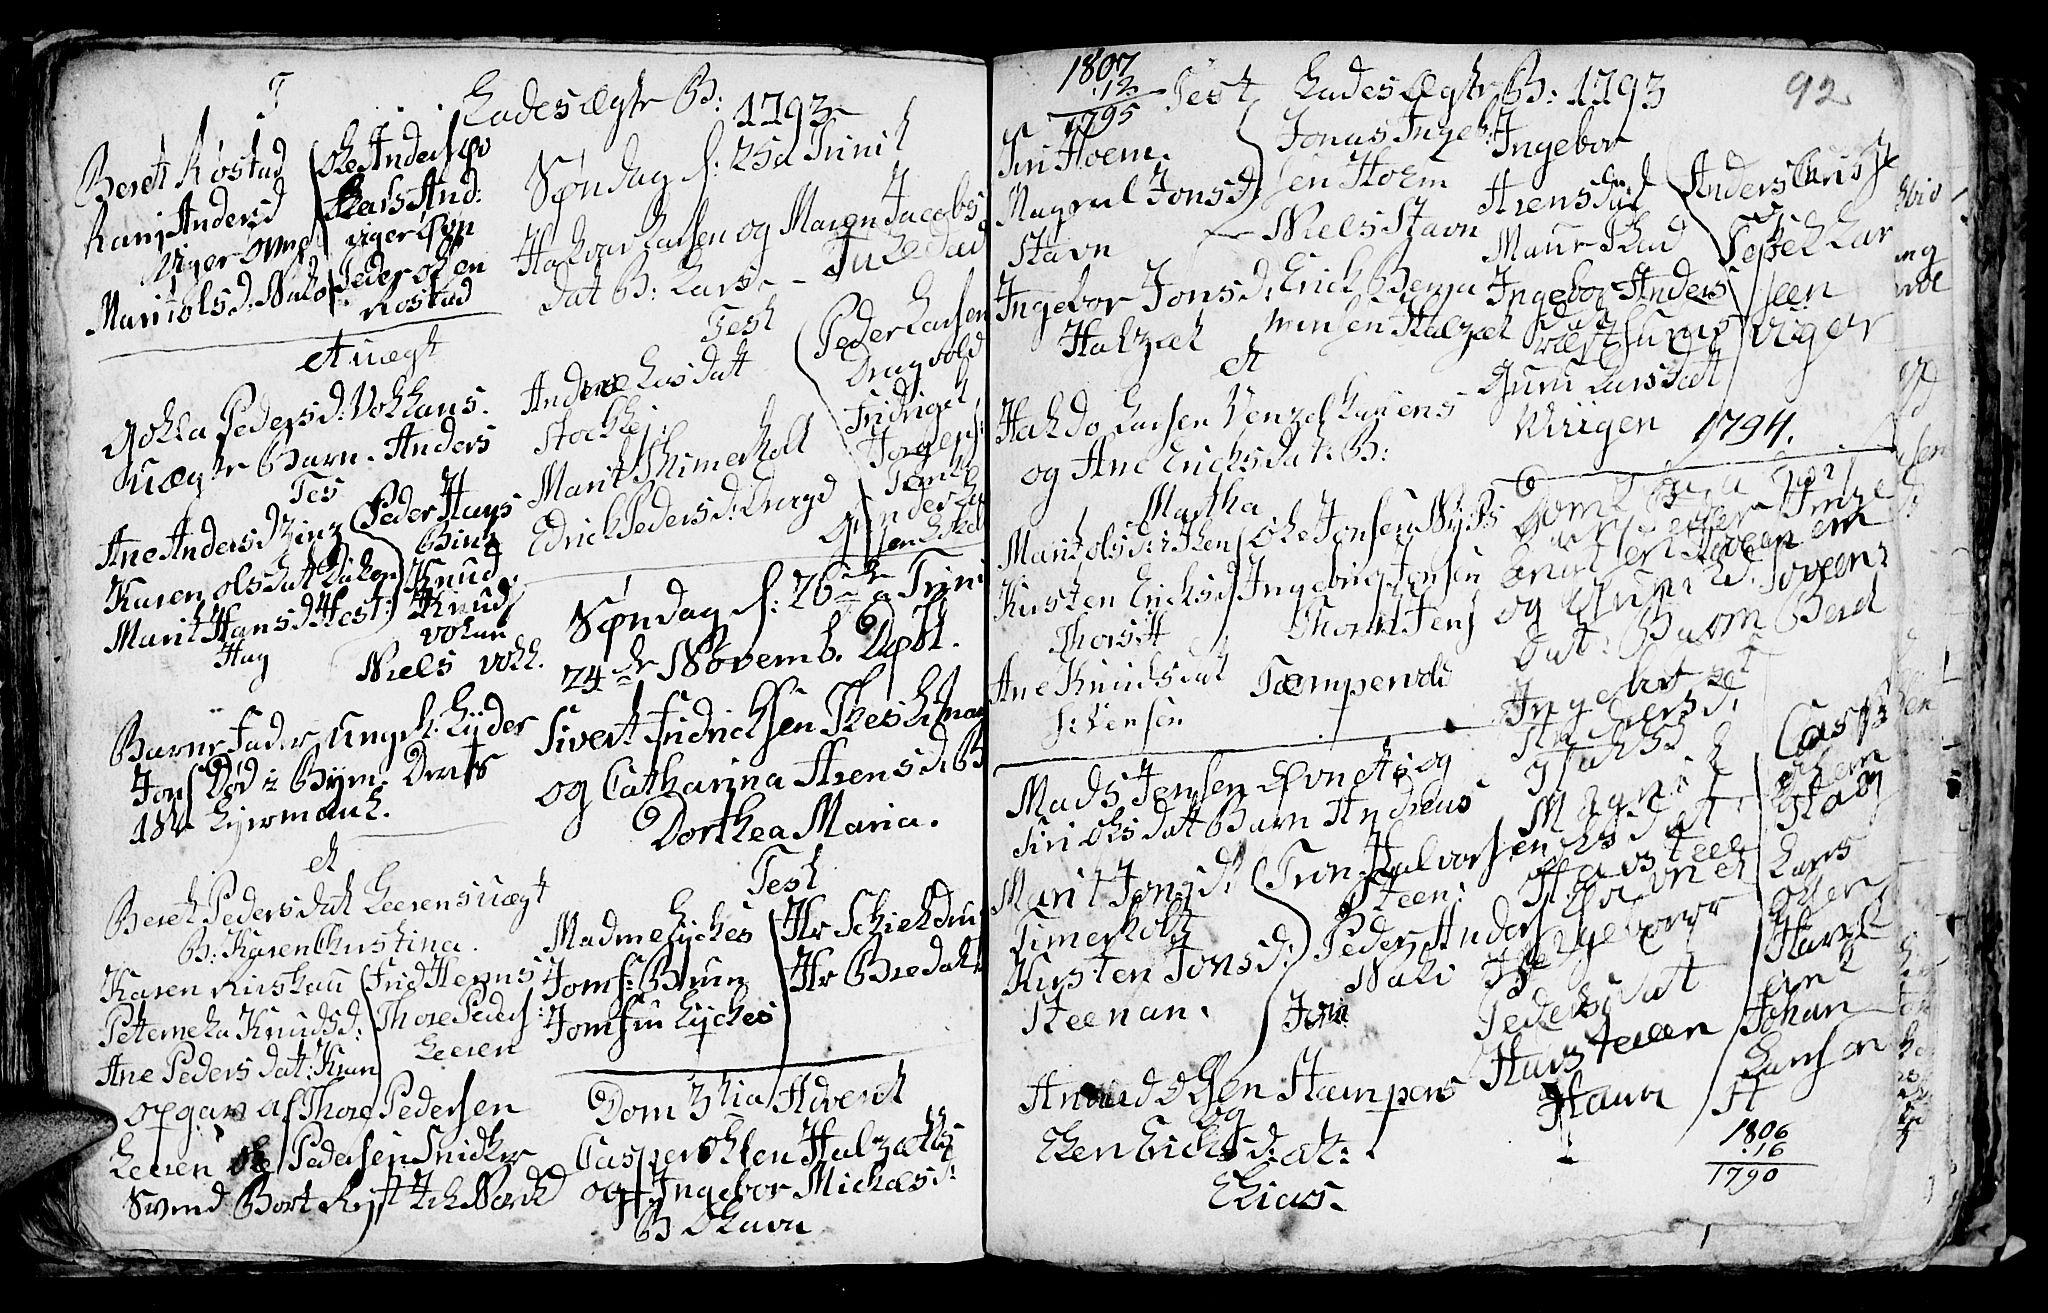 SAT, Ministerialprotokoller, klokkerbøker og fødselsregistre - Sør-Trøndelag, 606/L0305: Klokkerbok nr. 606C01, 1757-1819, s. 92